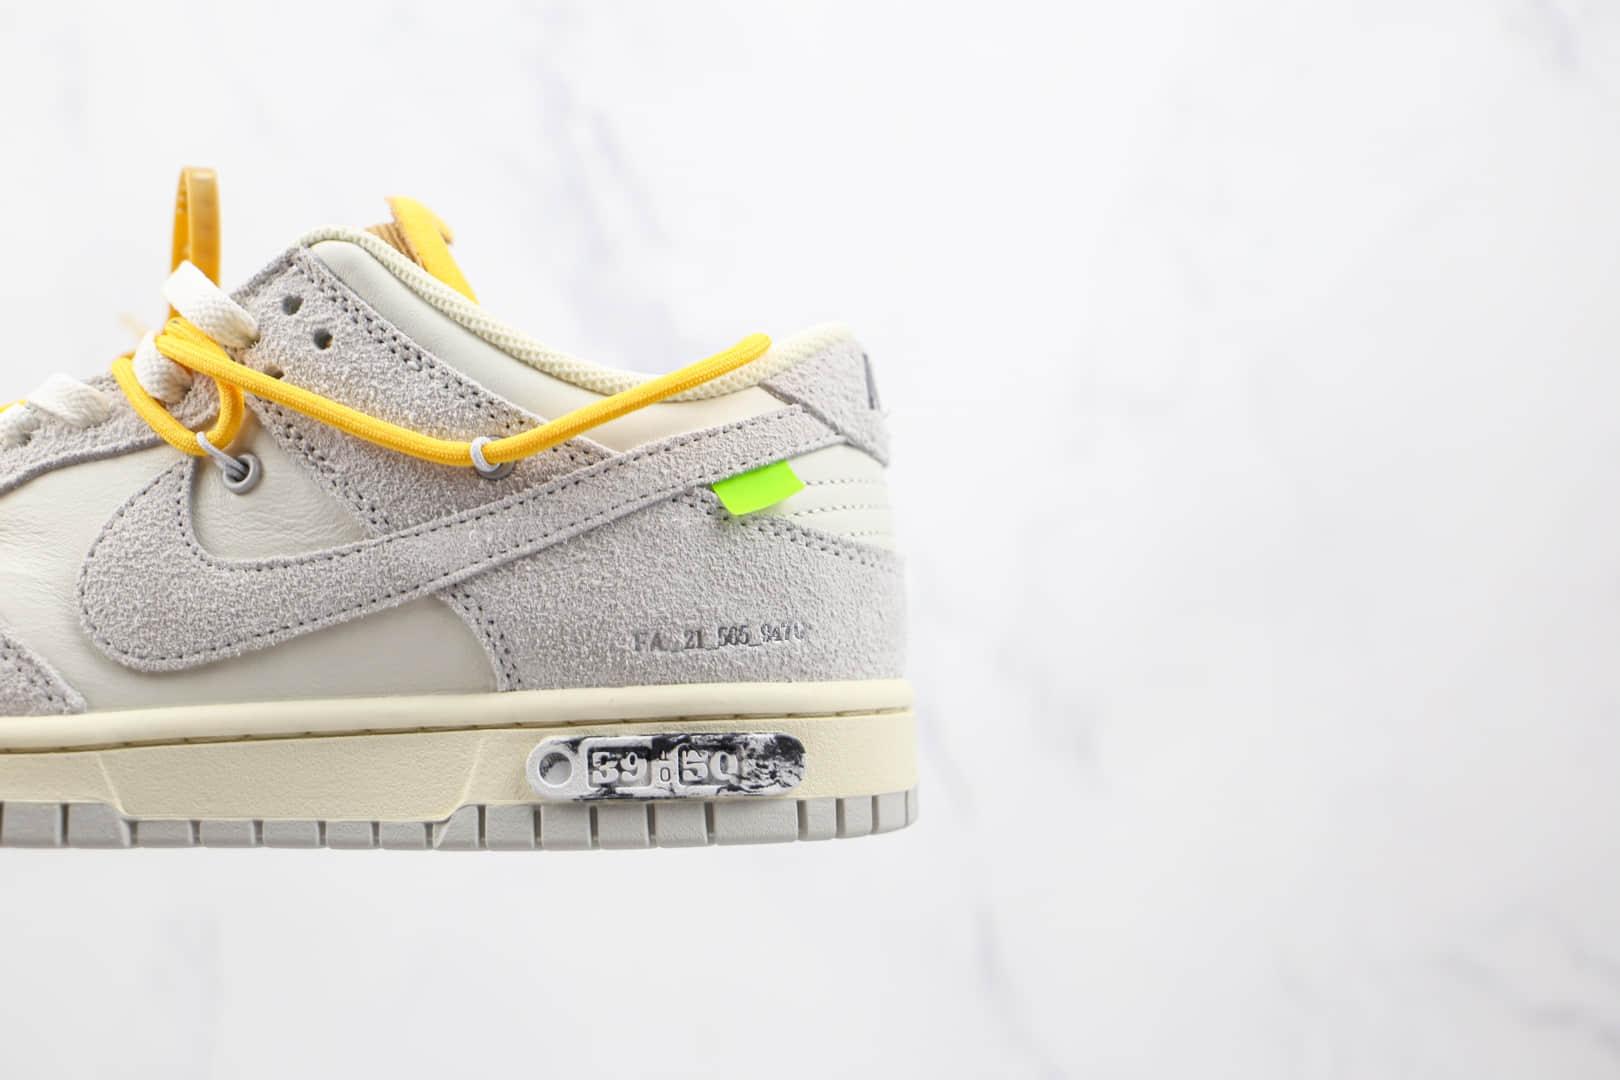 耐克Nike Dunk Low'50' x 39 50 Off-White联名款纯原版本麂皮绒面灰白黄色板鞋原楦头纸板打造 货号:DJ0950-109